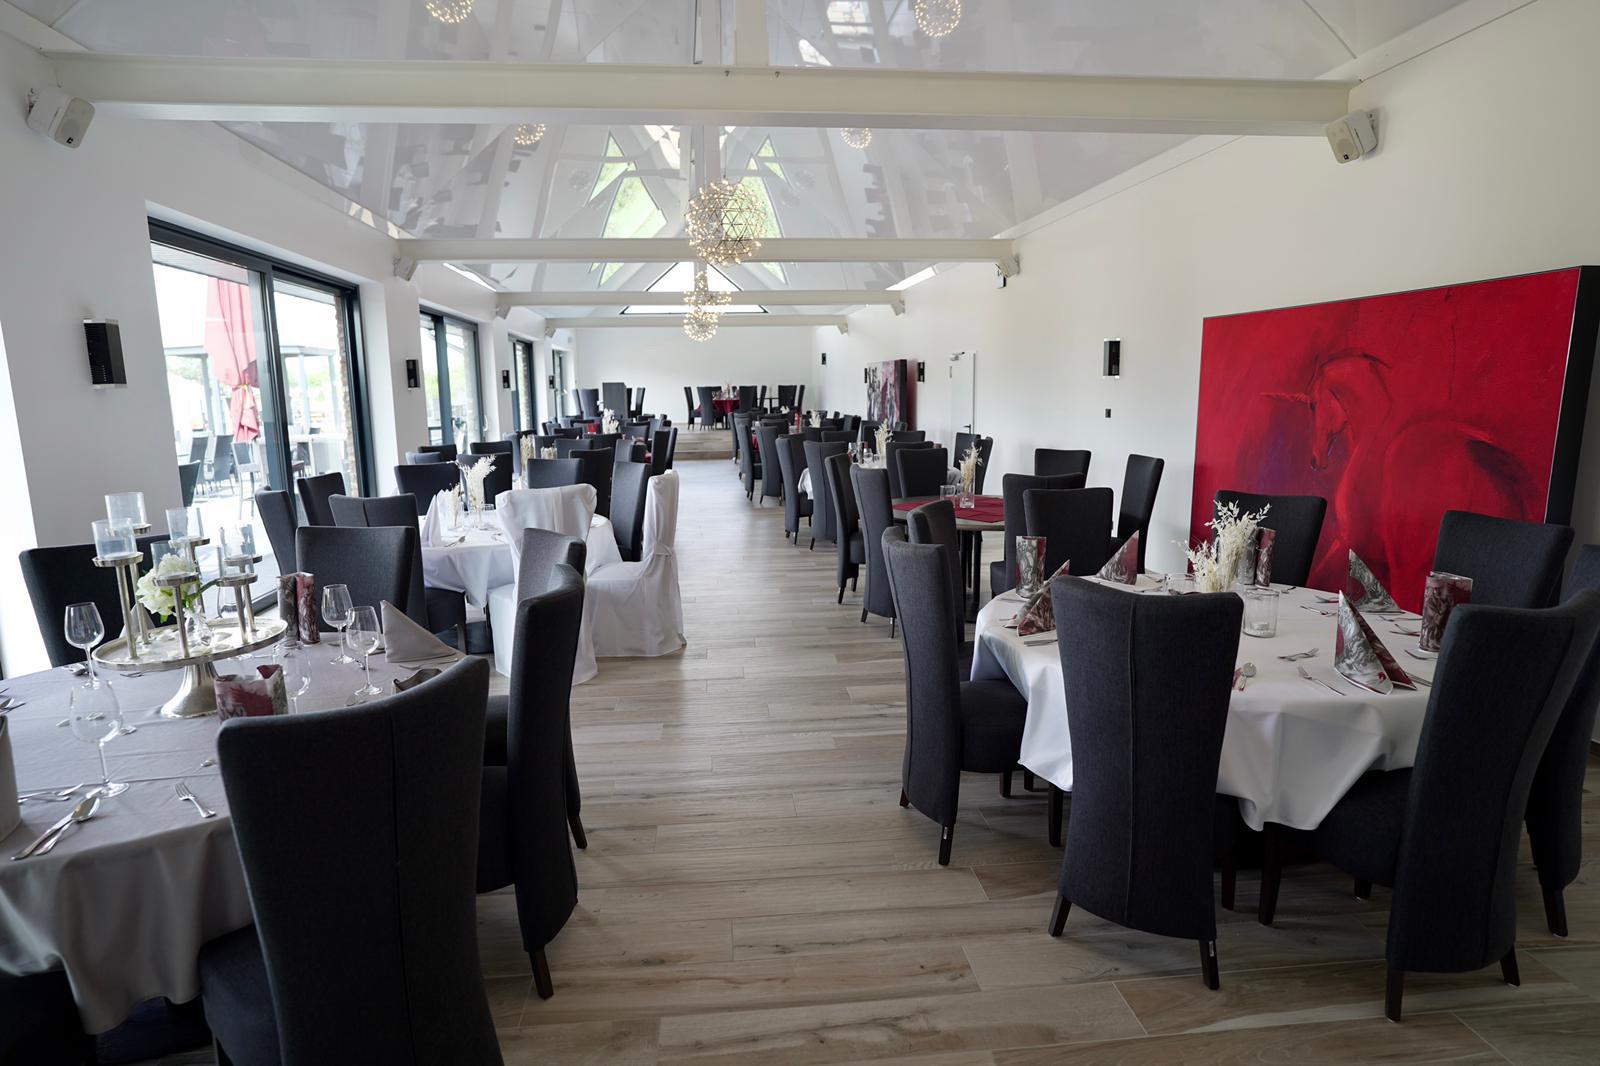 Neue Hochzeitslocation in Düren: Der große Gesellschaftssaal im Roten Einhorn